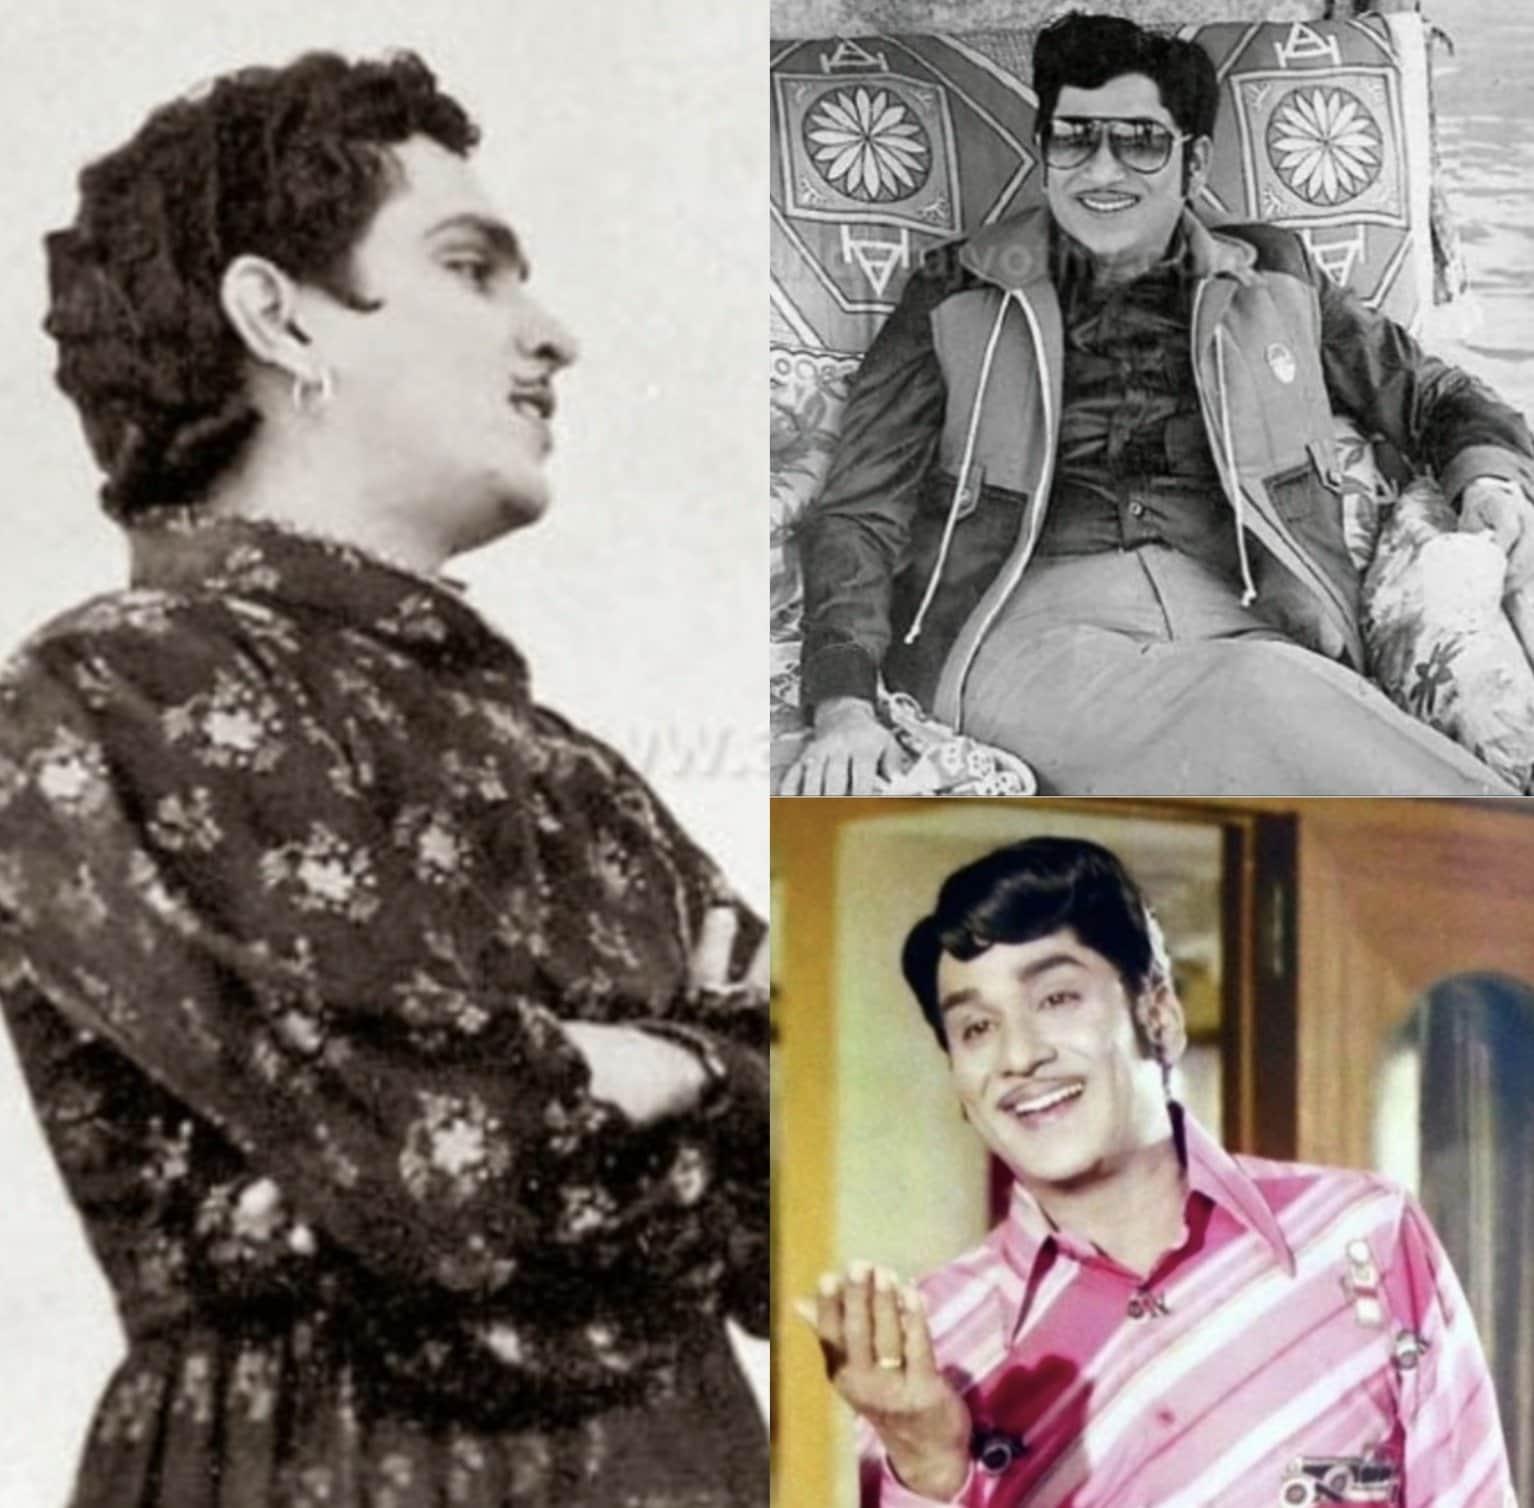 దాదా సాహెబ్ ఫాల్కే అవార్డు గ్రహీత అక్కినేని నాగేశ్వర రావు (Twitter/Photo)